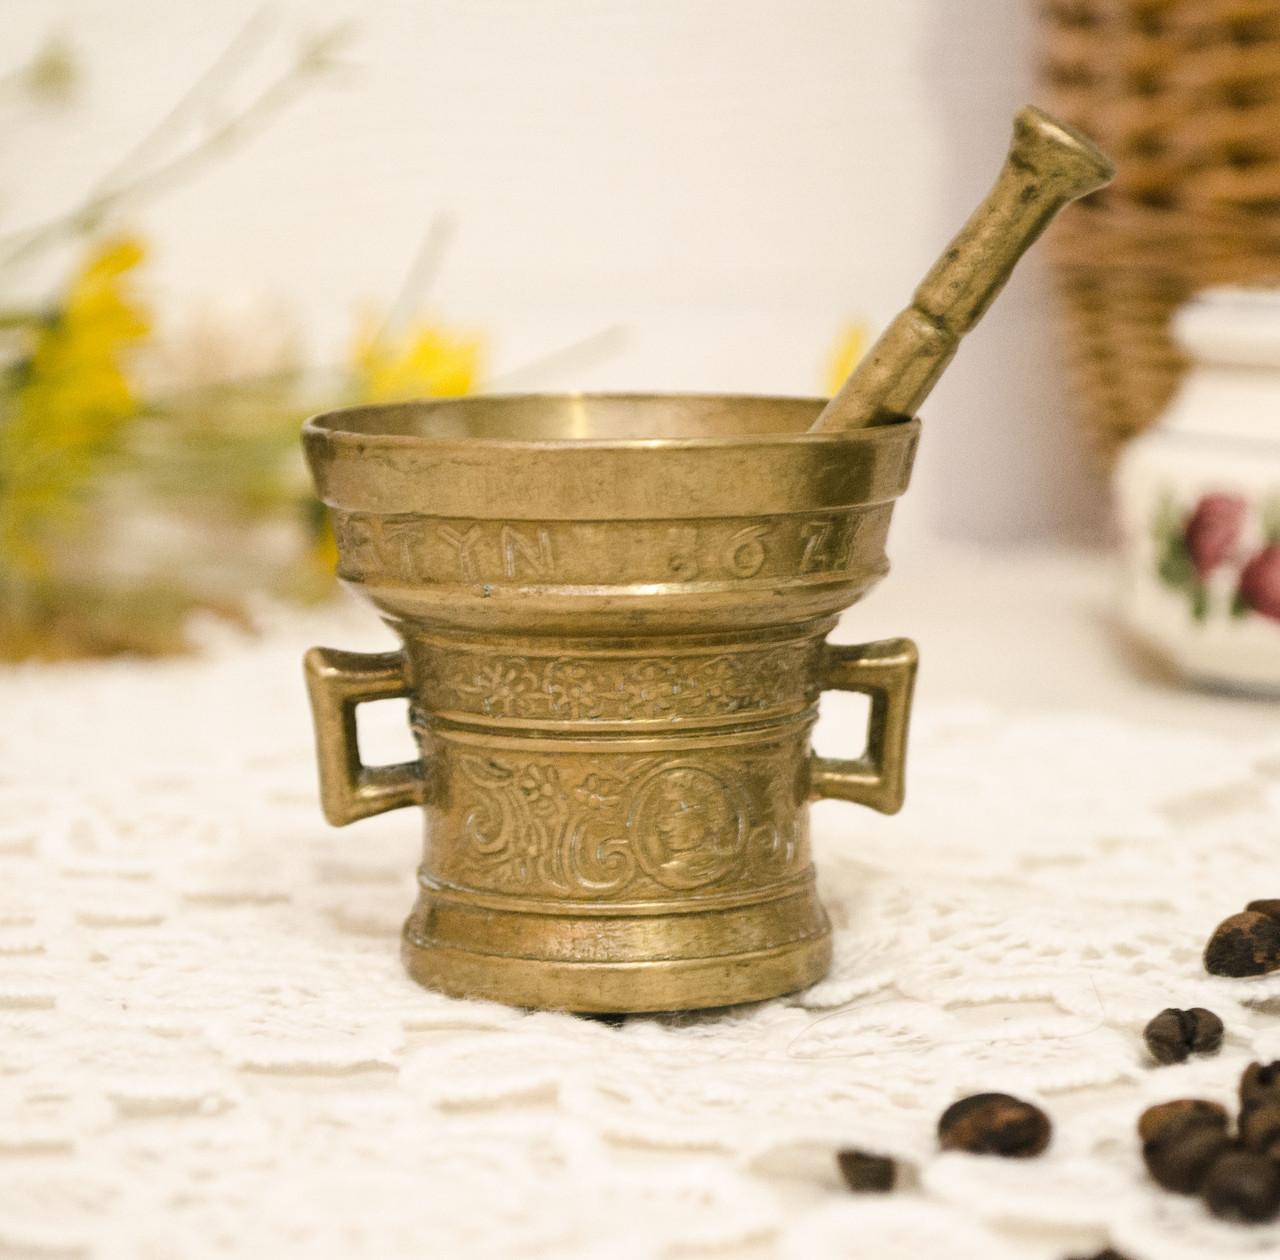 Стара бронзова ступка, ступка для спецій, з товкачиком, бронза, Німеччина